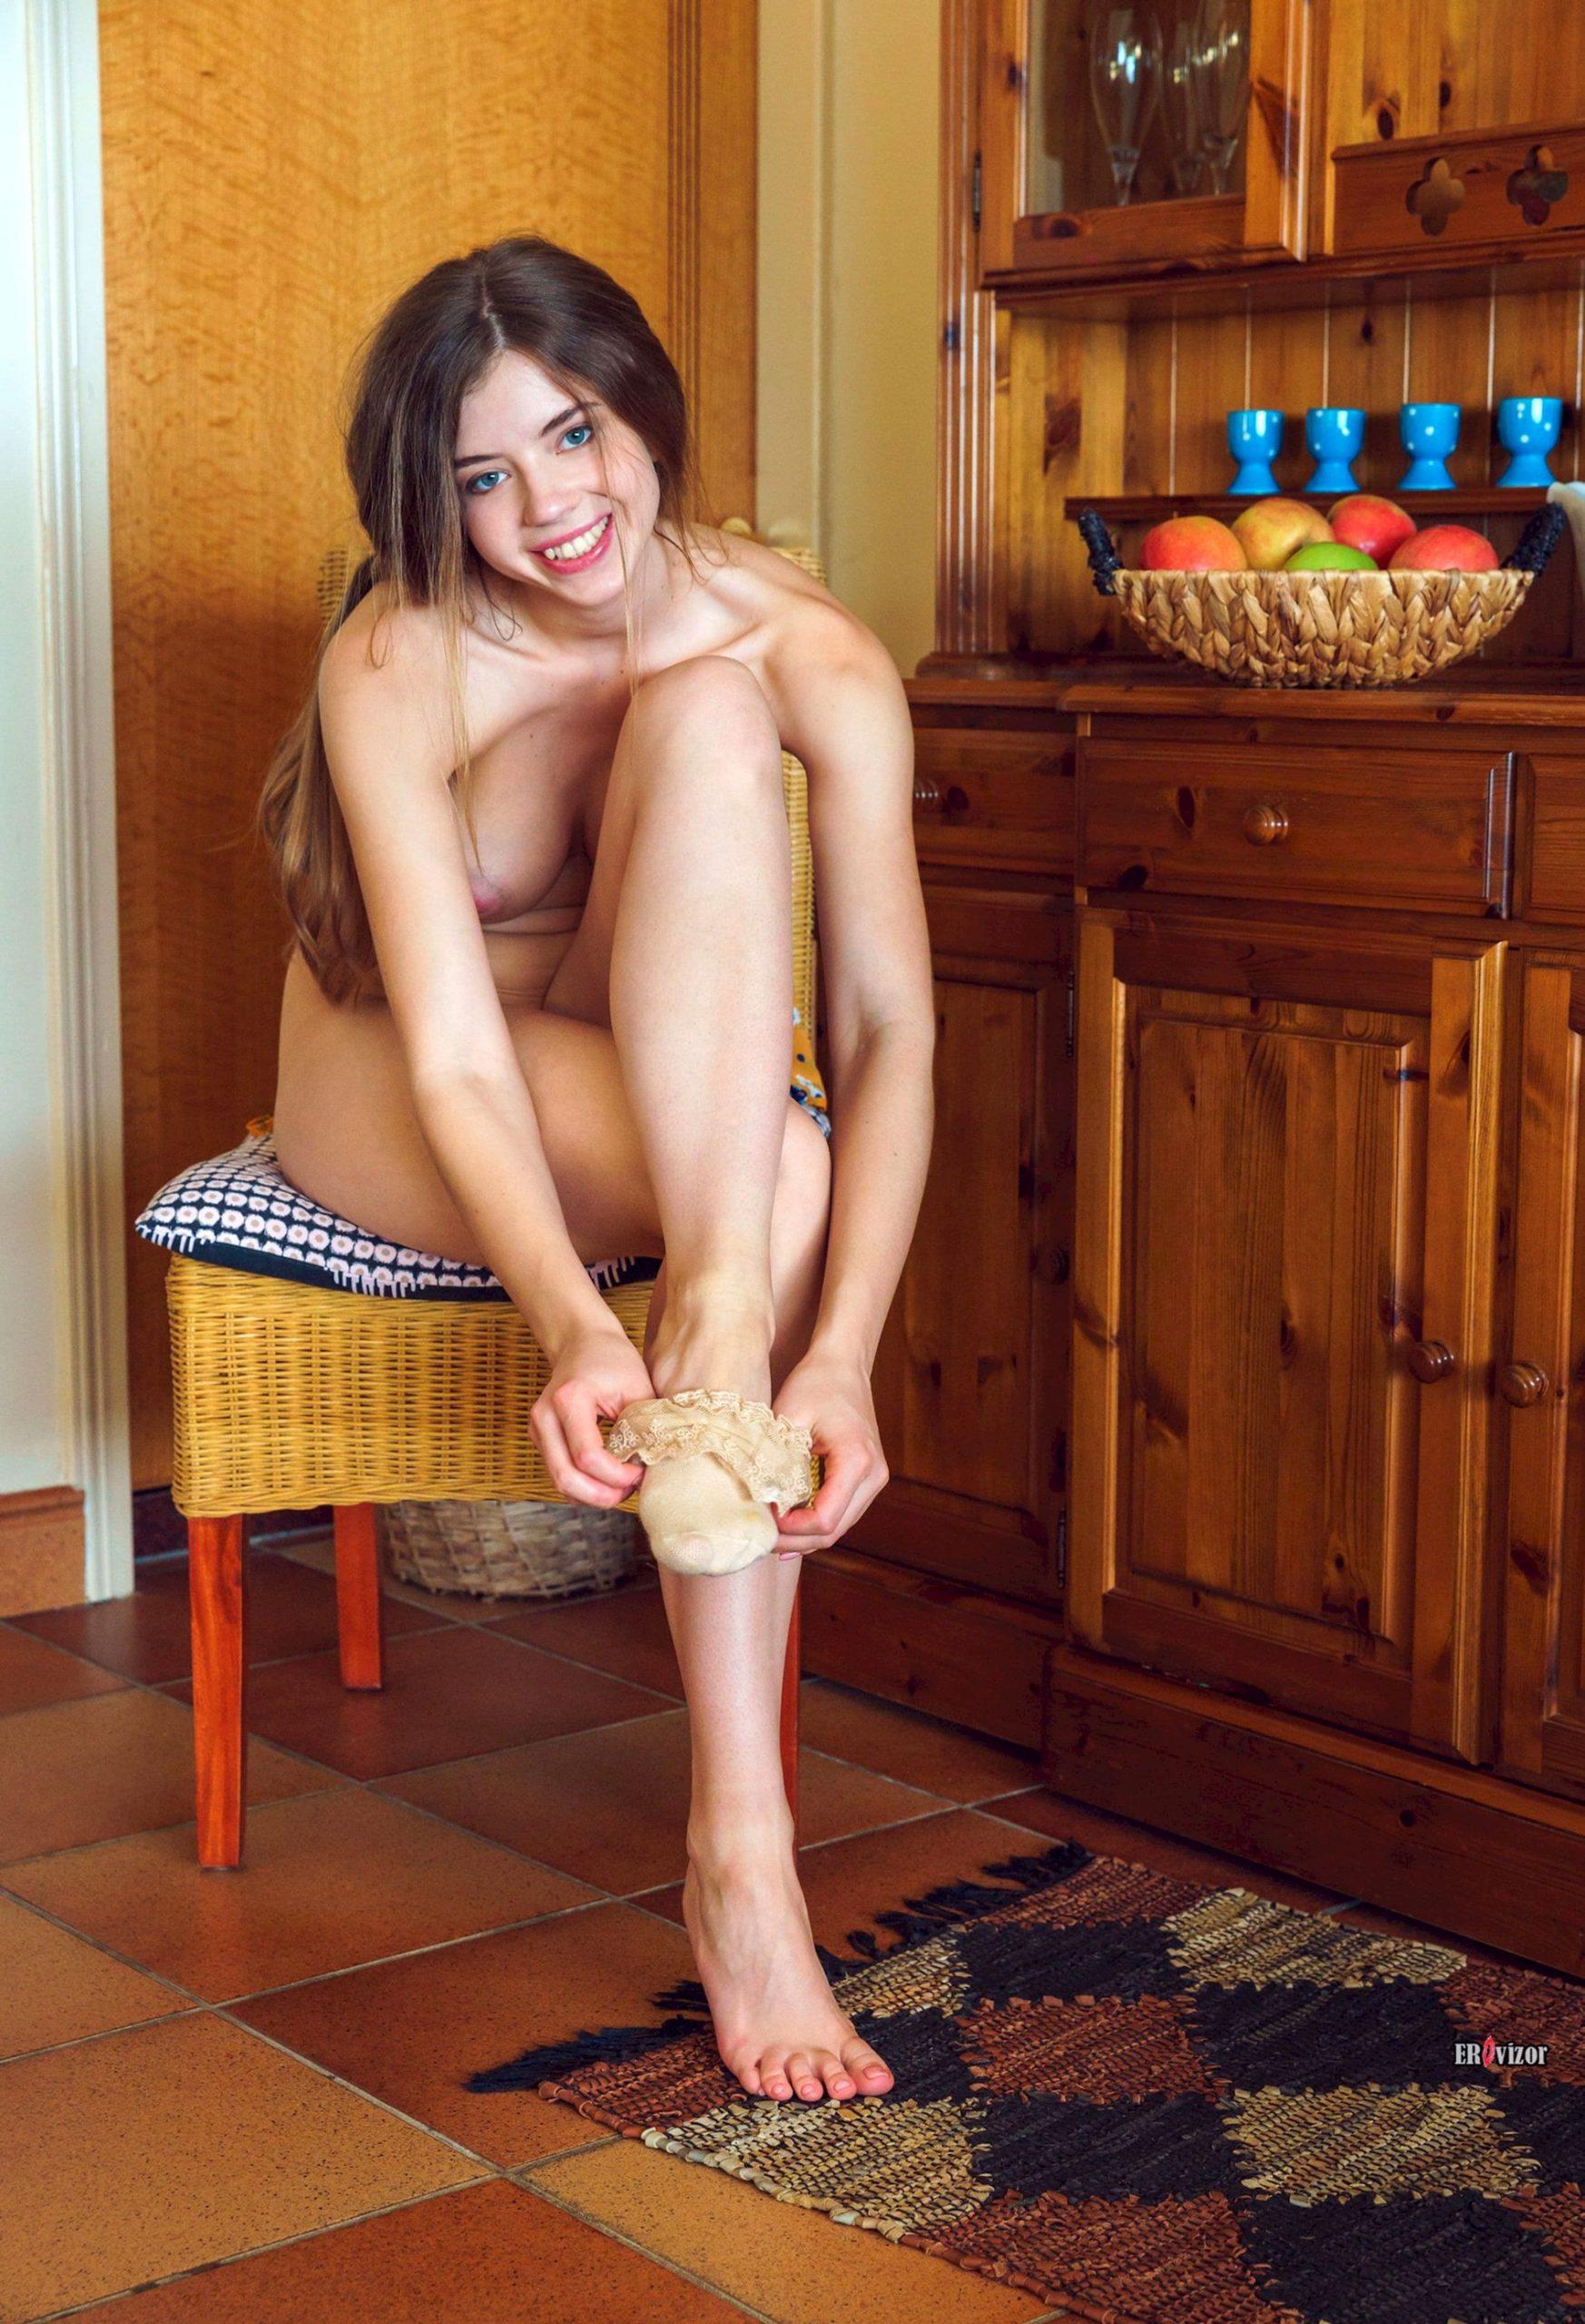 Молоденькая голая девчонка показала свою идеальную фигуру